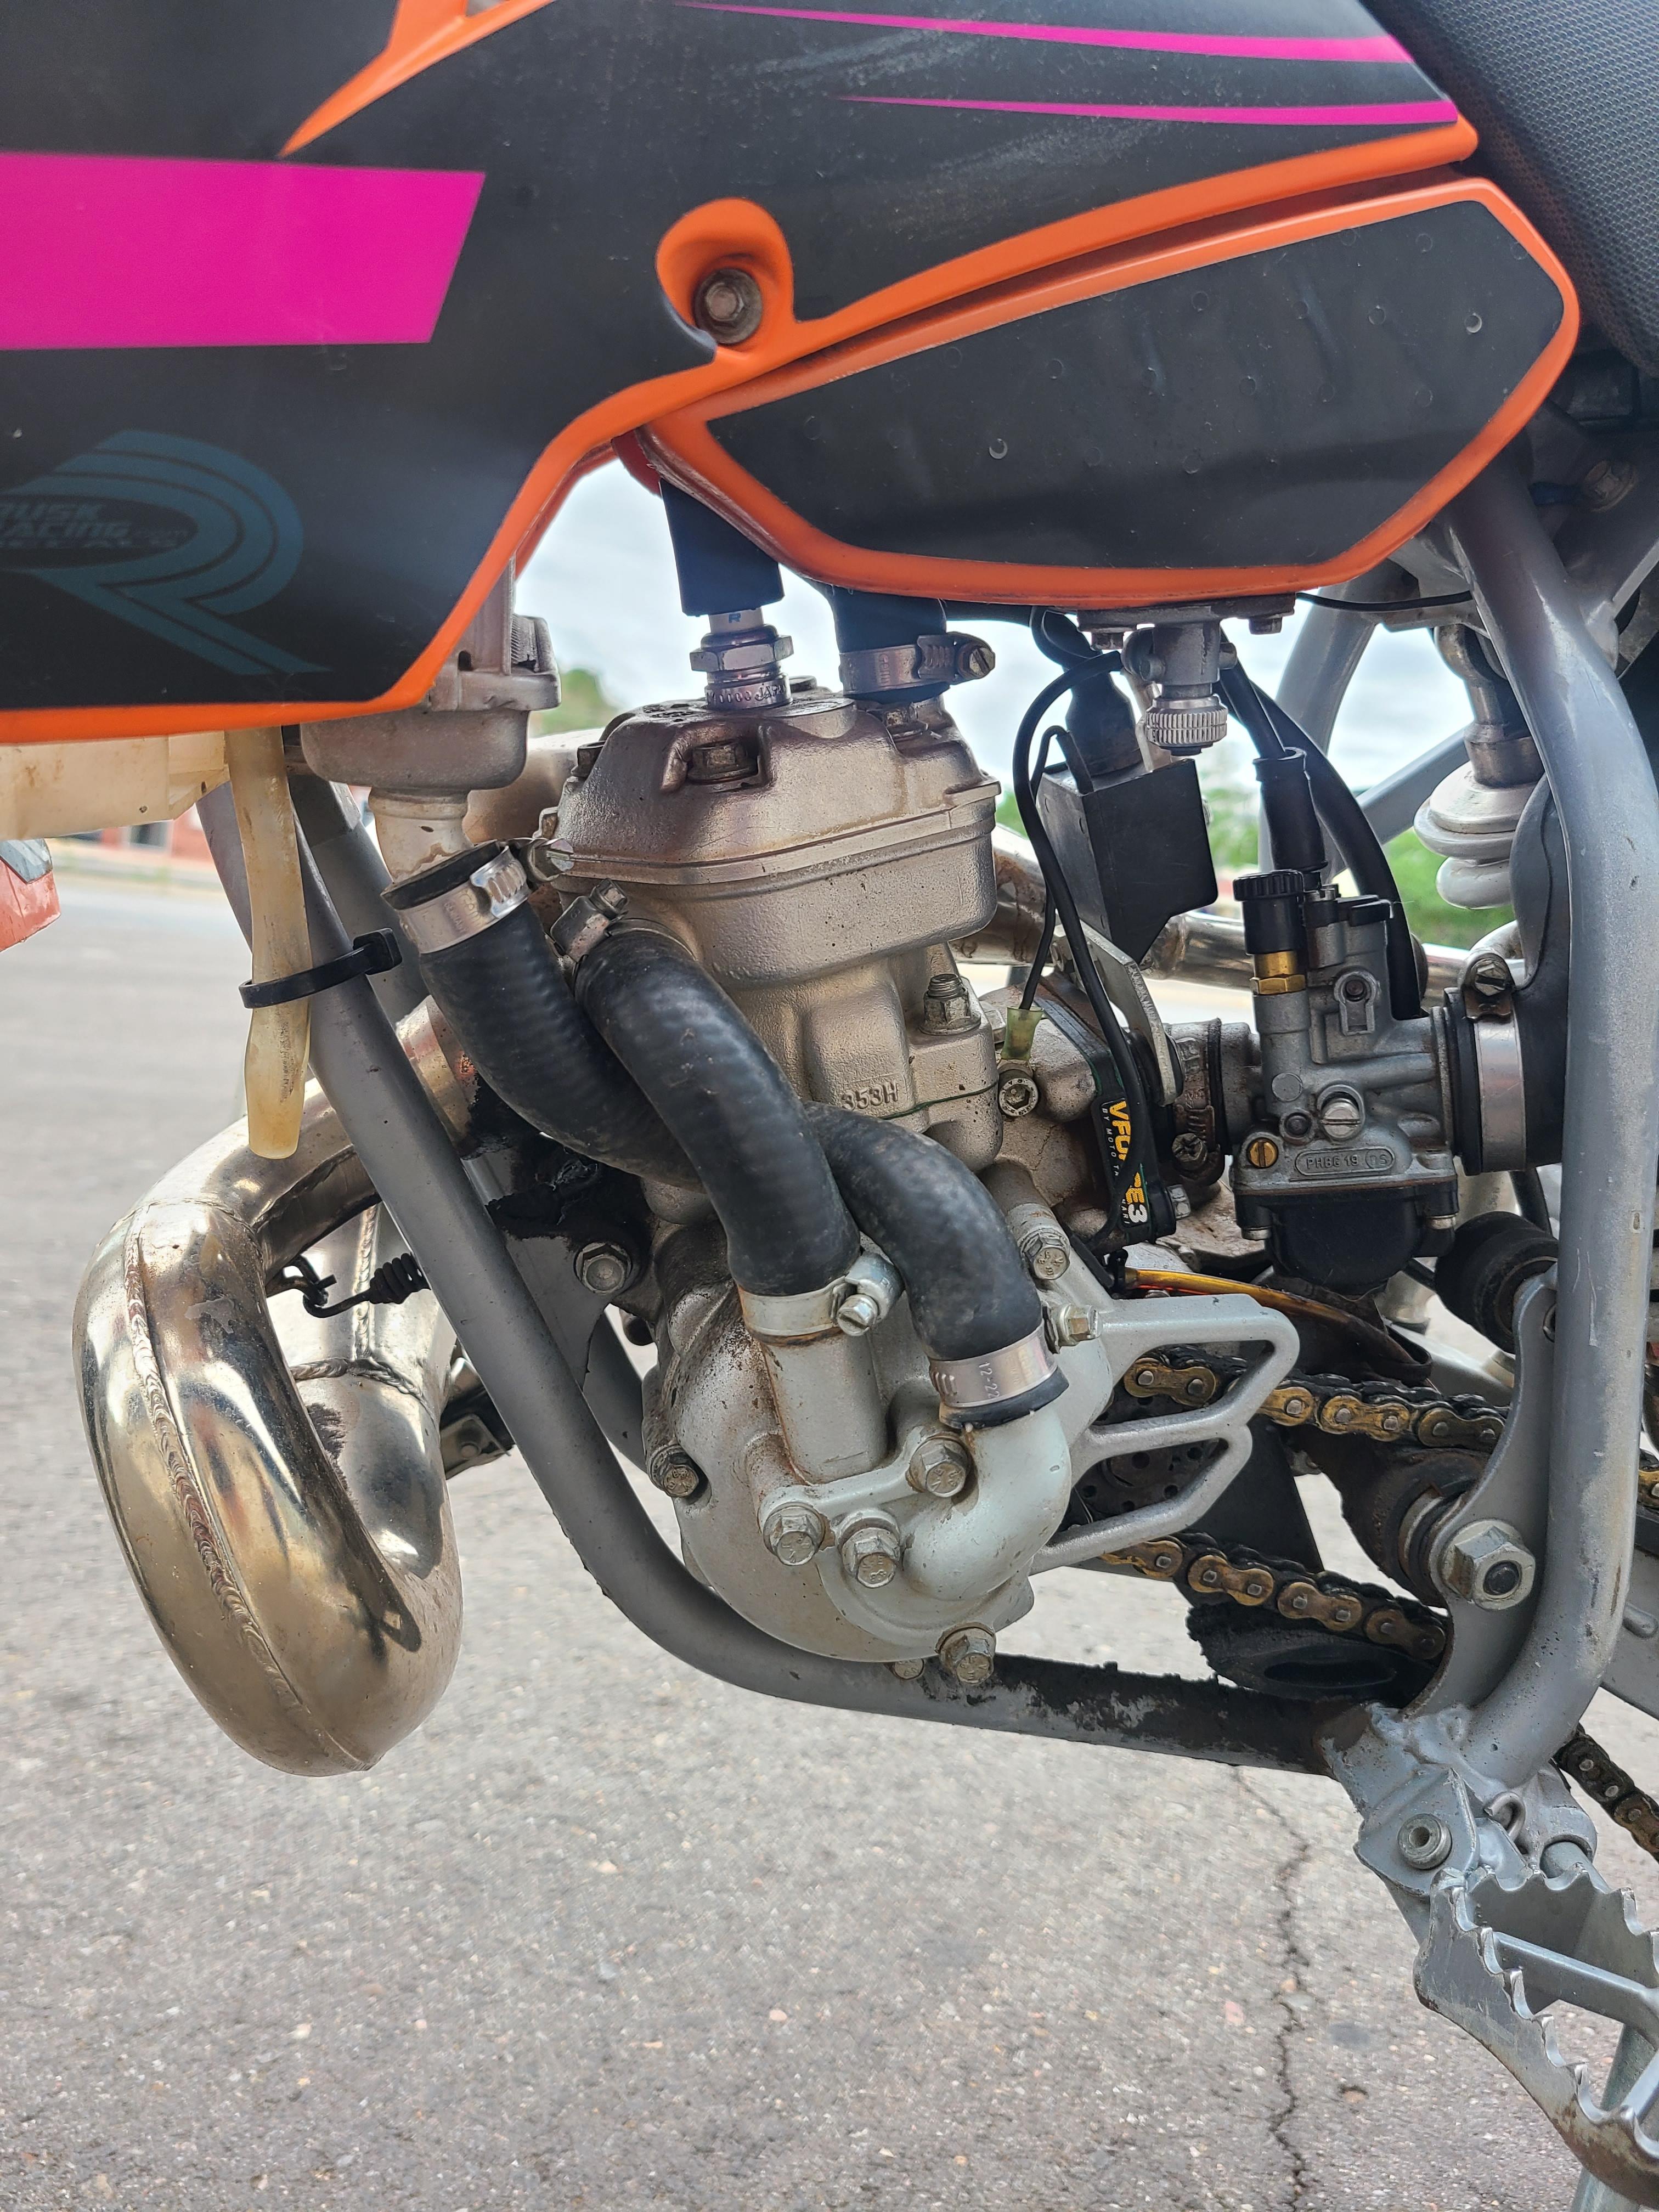 2007 KTM SX 50 at Bobby J's Yamaha, Albuquerque, NM 87110